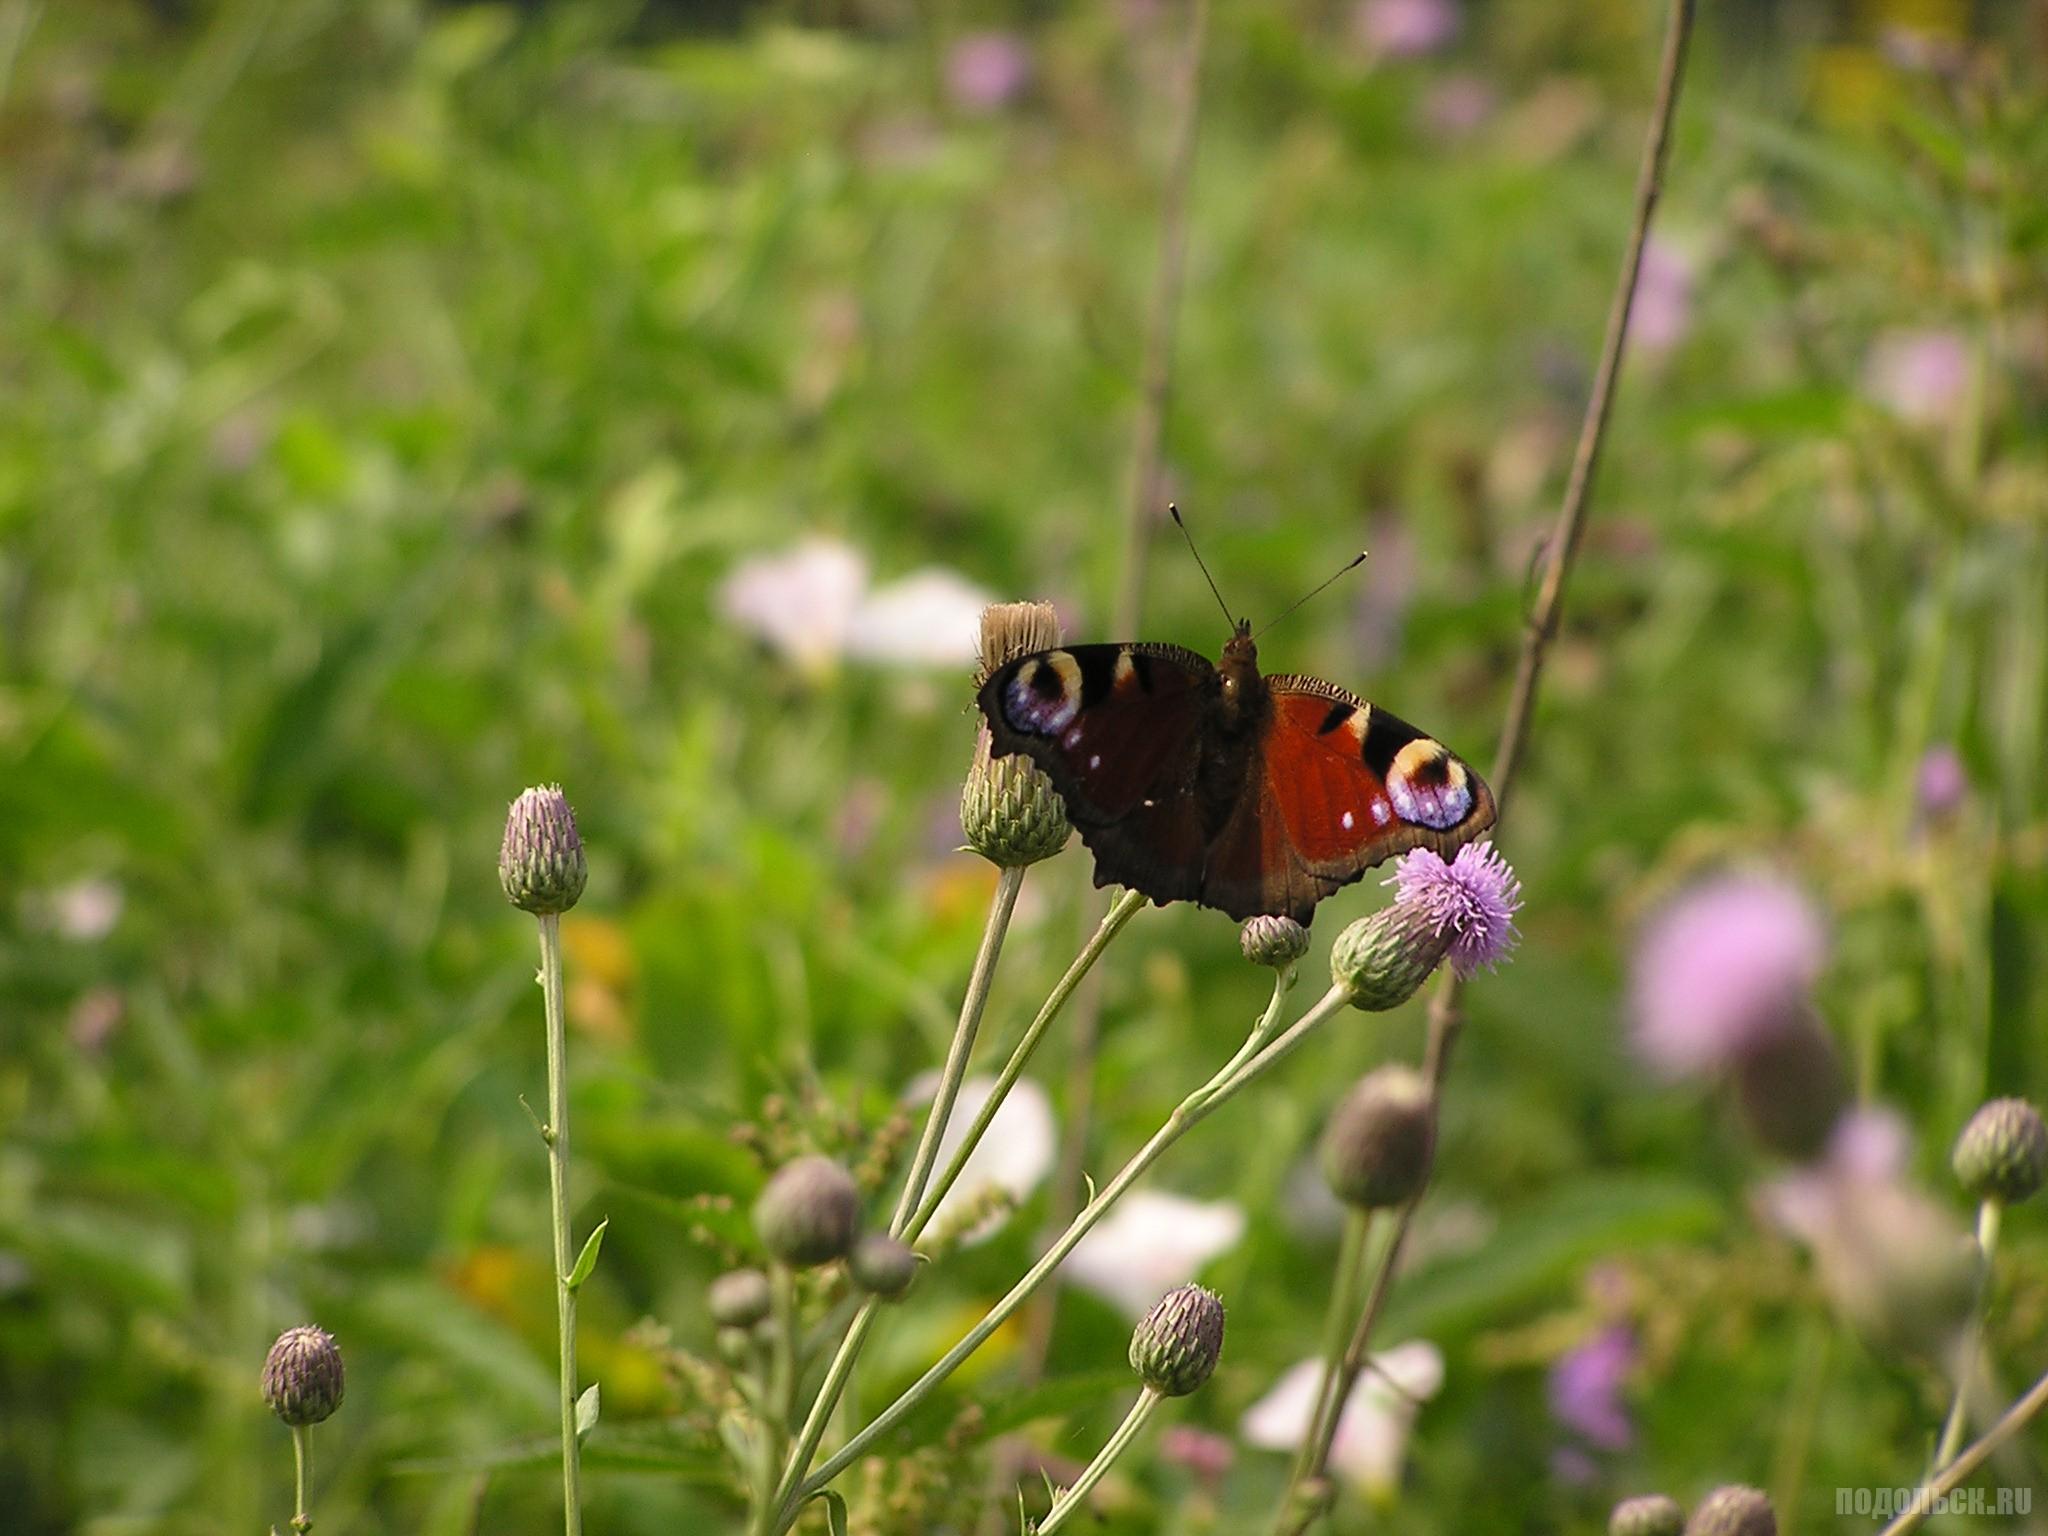 Павлиний глаз (лат. Inachis io), дневной павлиний глаз — дневная бабочка из семейства нимфалид (Nymphalidae).